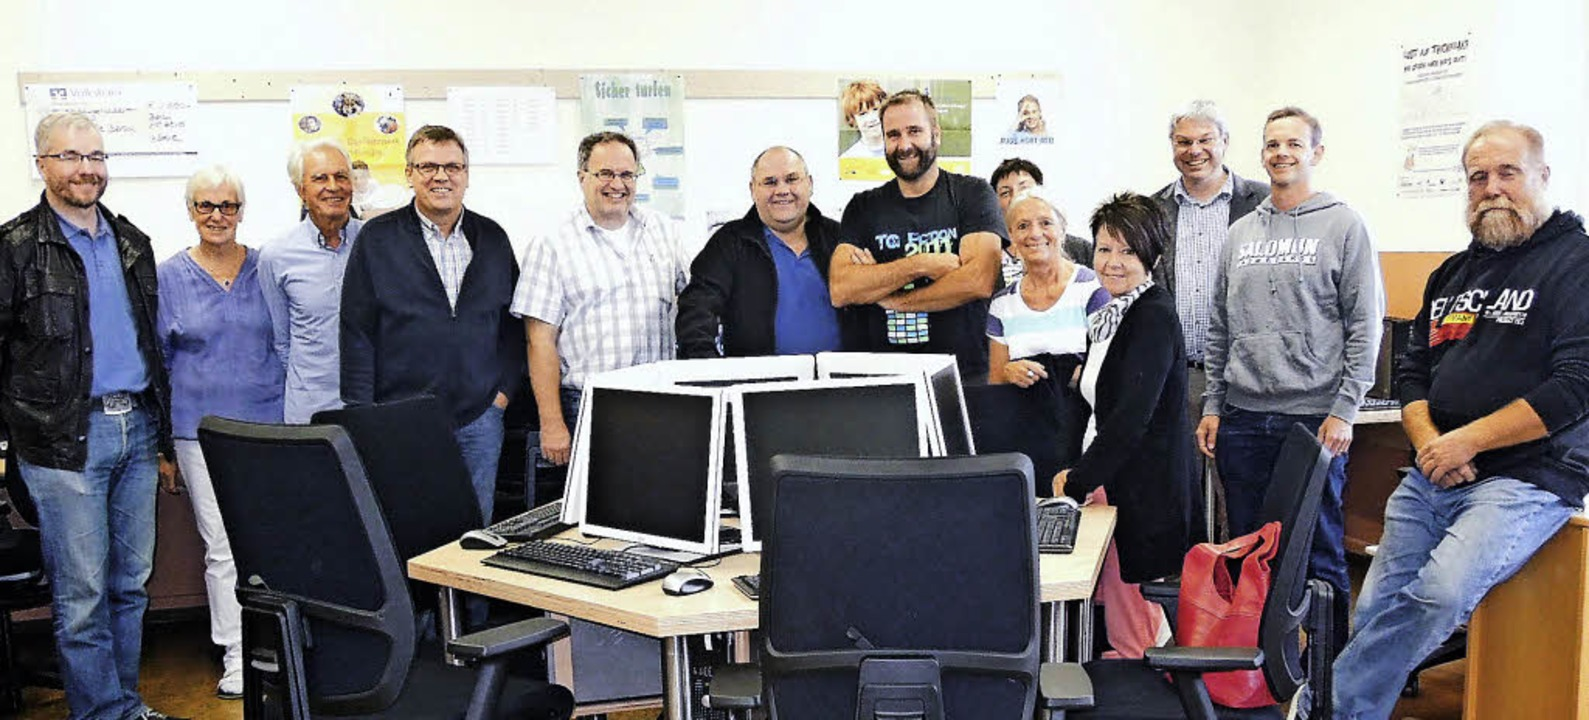 Vorstand sowie Gemeinde- und Ortschaft...m Computerraum der Grundschule Berau.     Foto: Privat